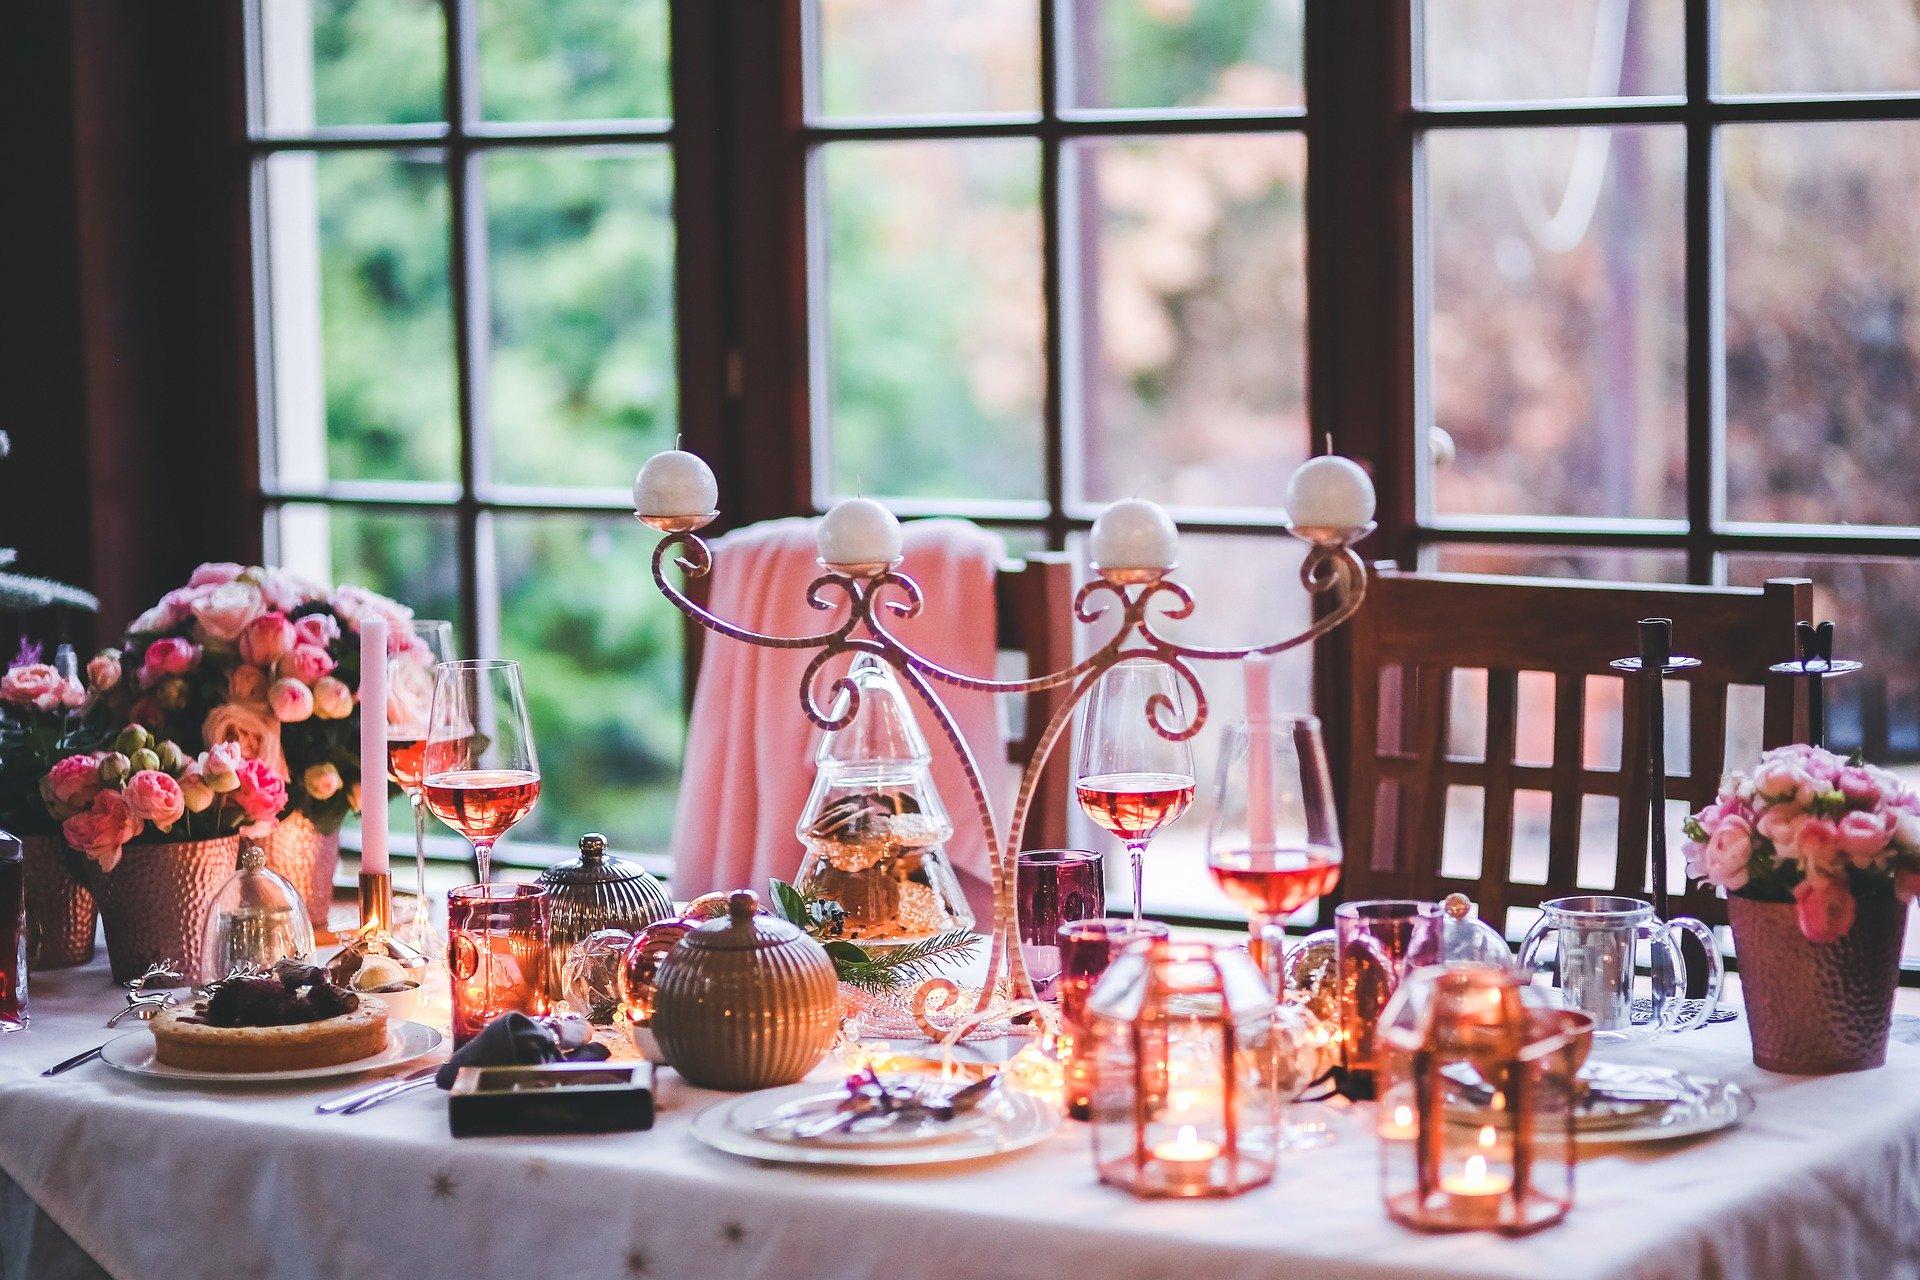 preparer_noel_dans_son_restaurant